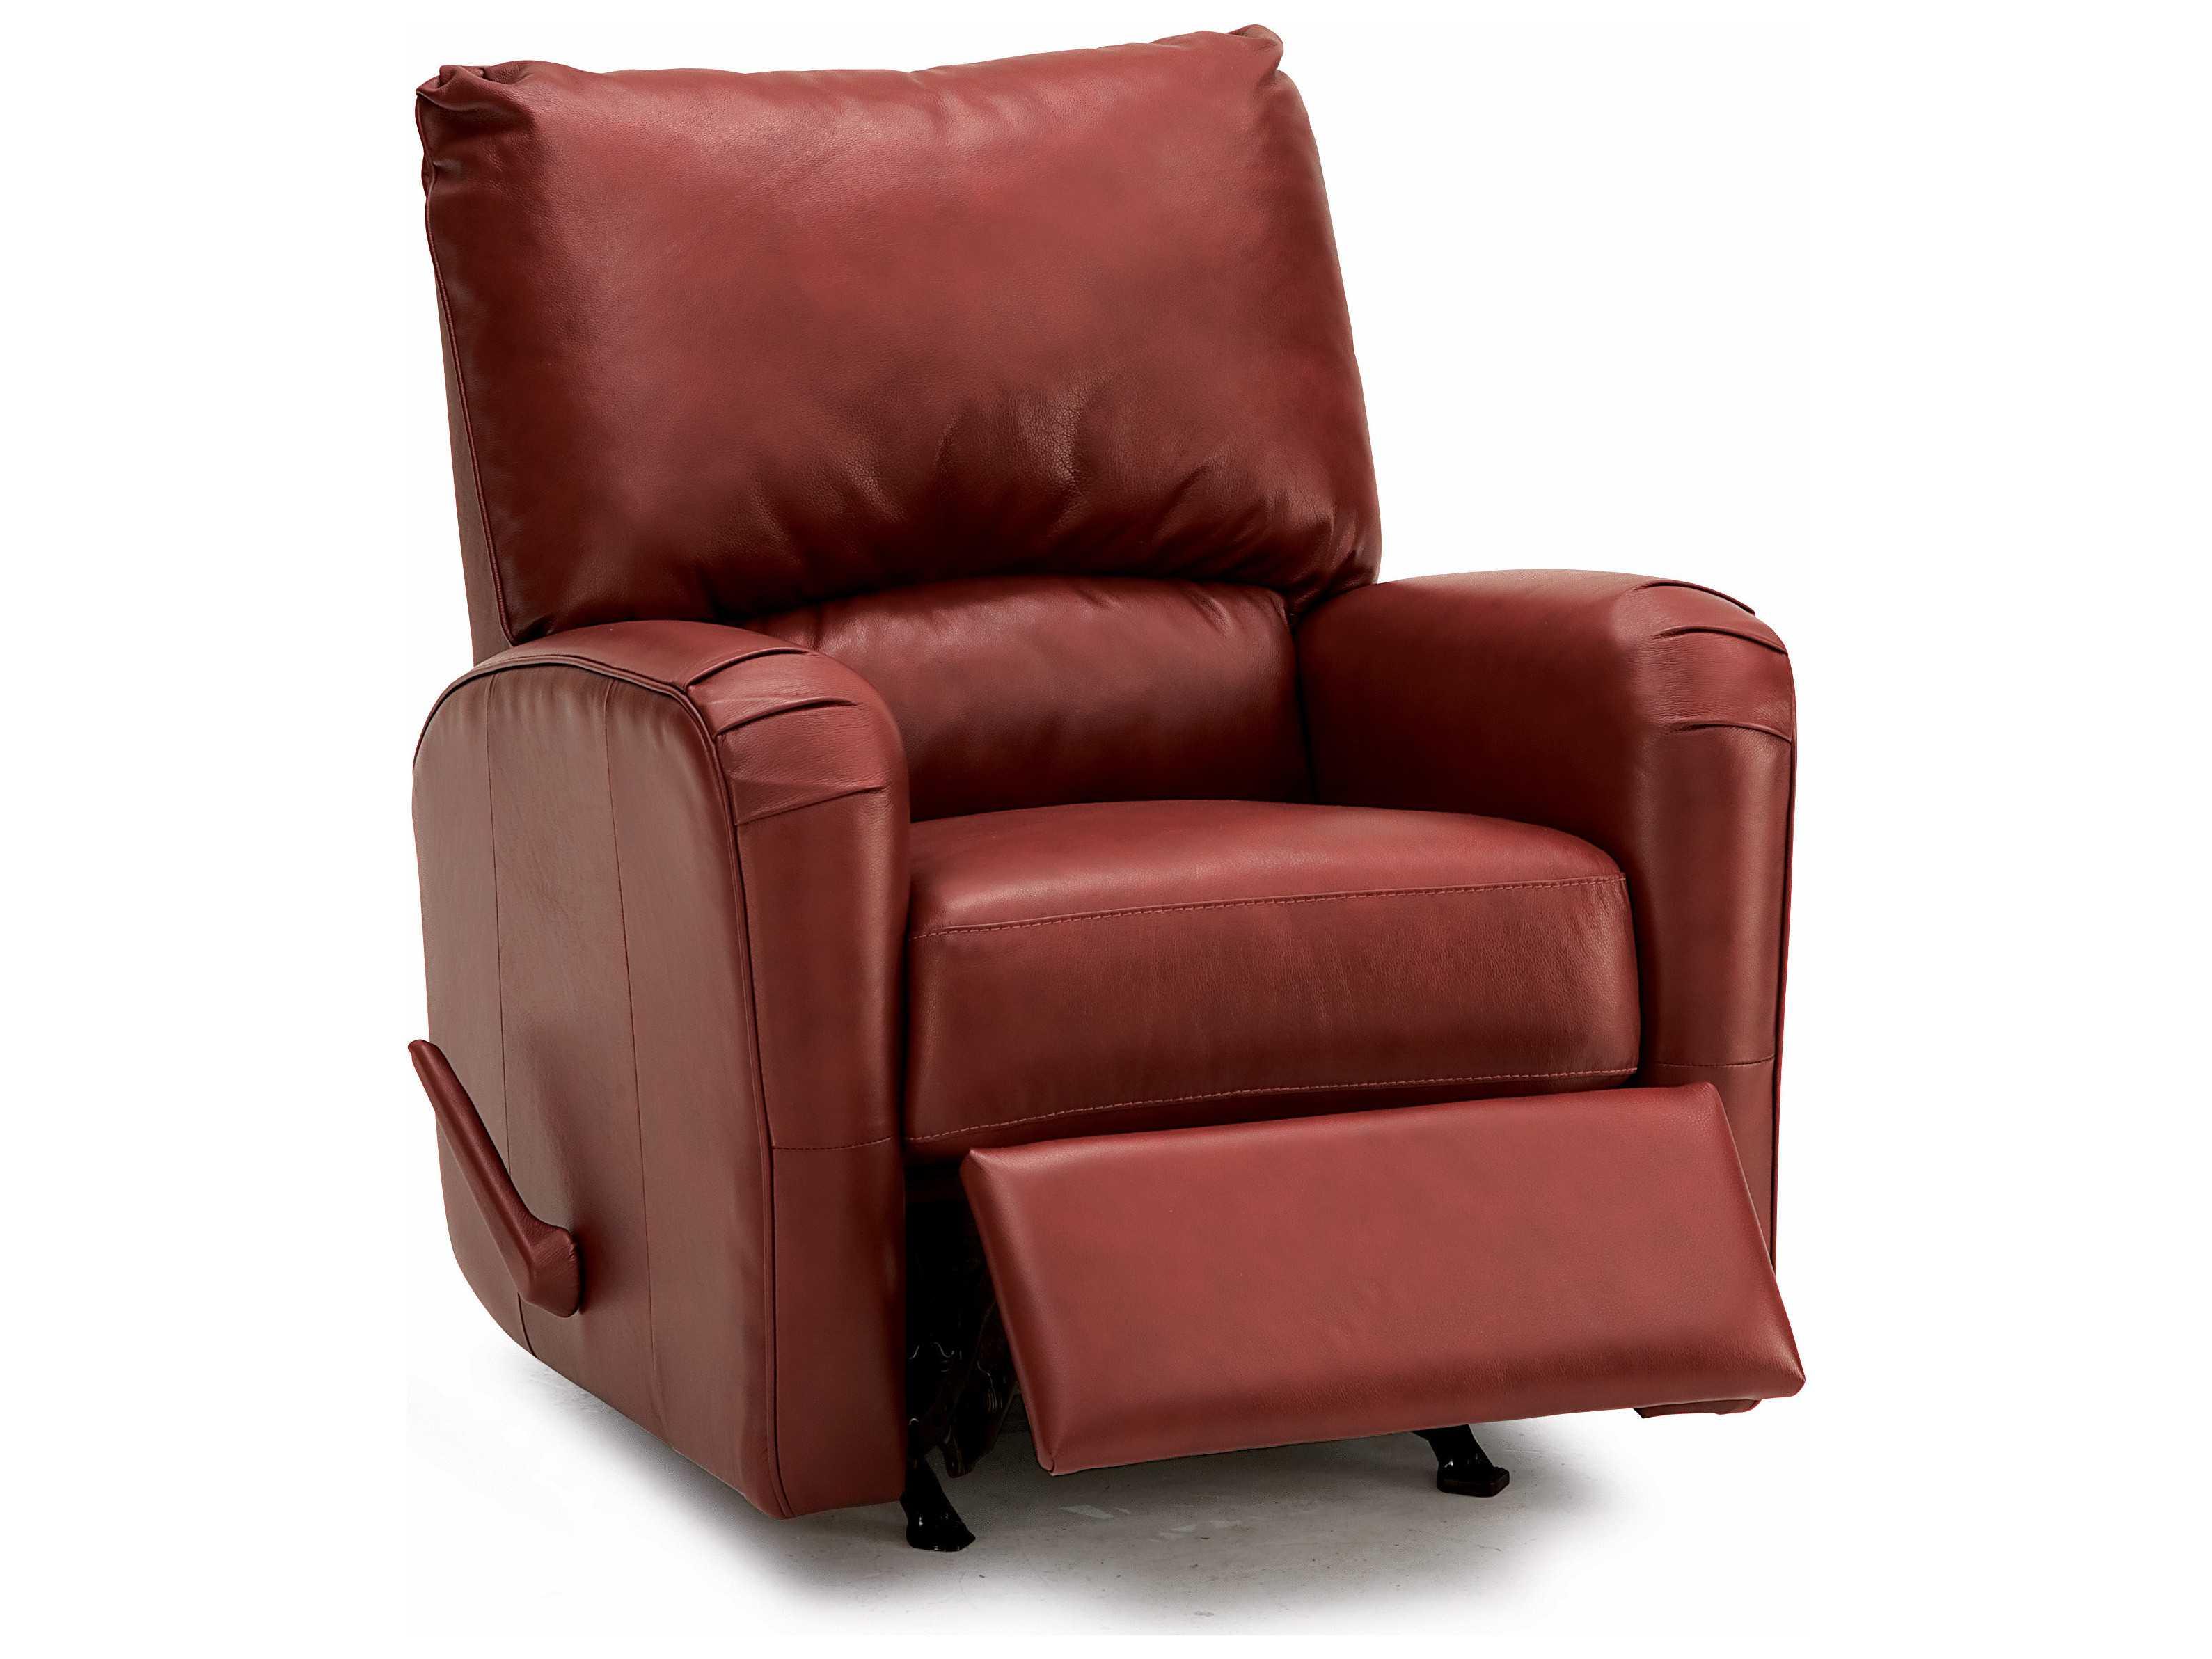 Palliser Colt Swivel Rocker Recliner Chair 42005 33